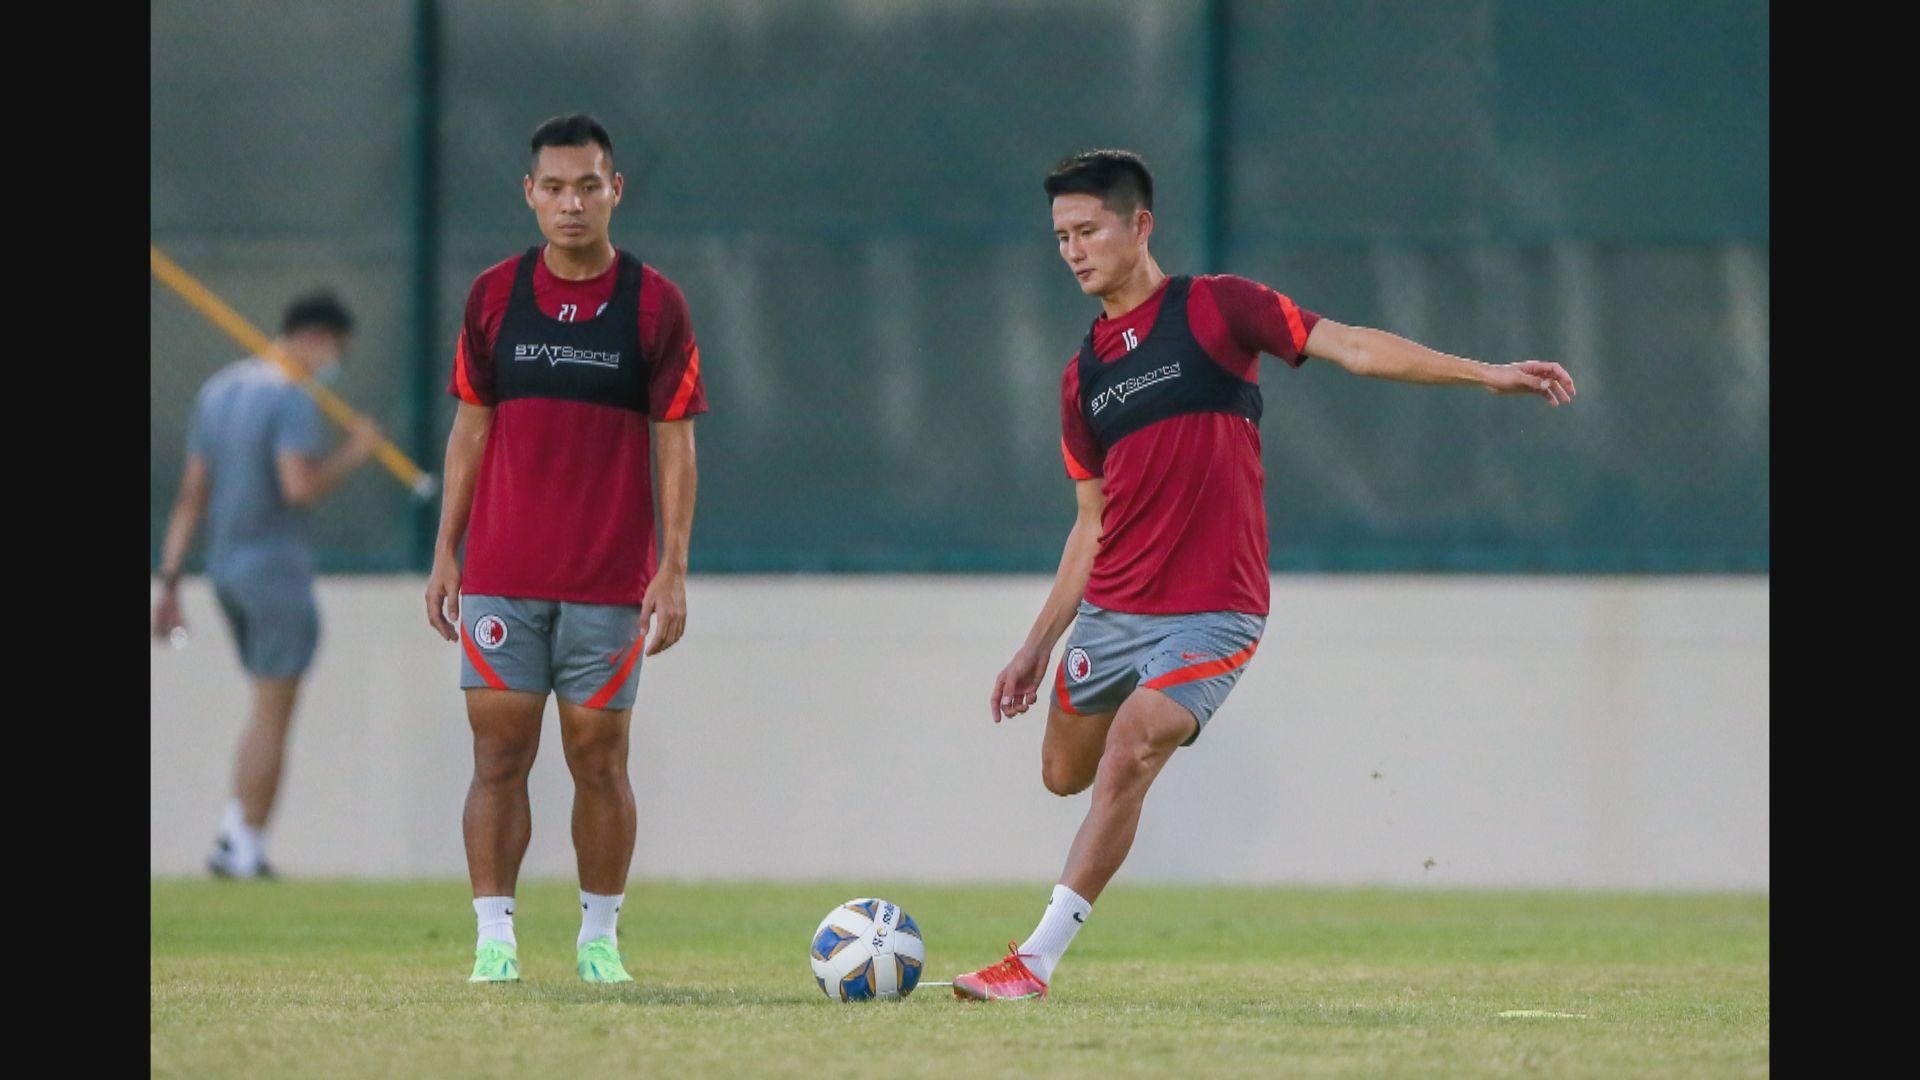 世界盃亞洲區外圍賽有伊拉克球員確診 港隊球員感擔心